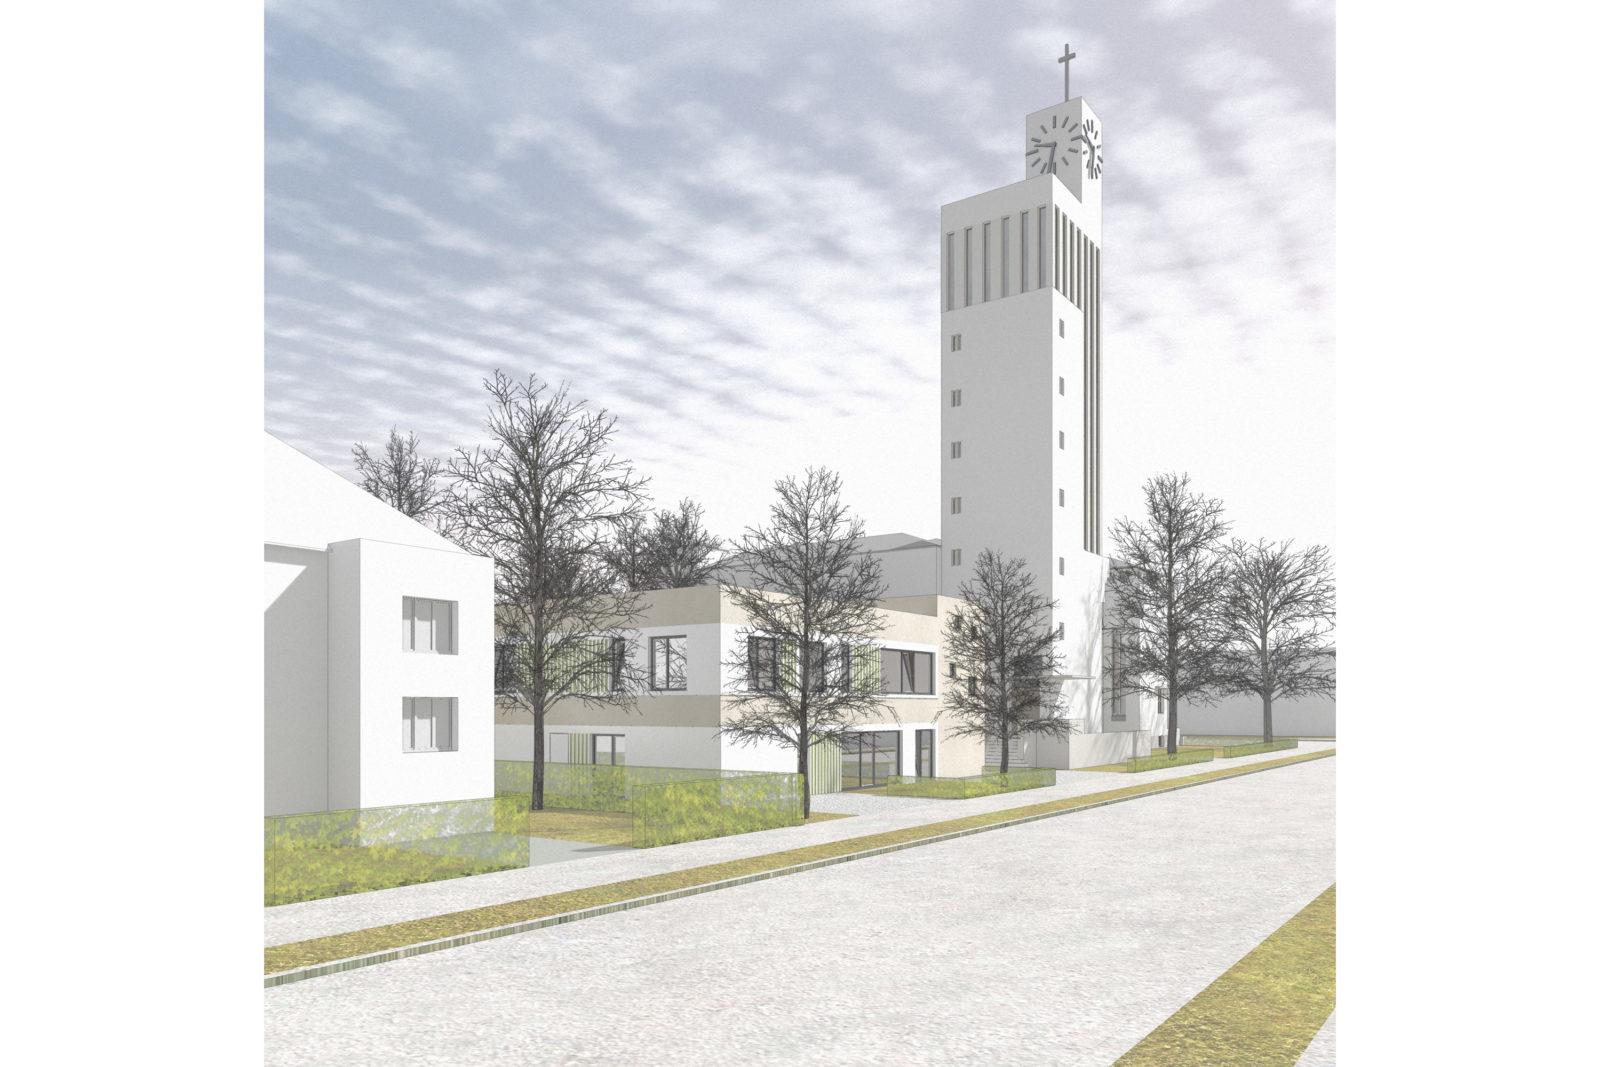 Neubau Kita Versöhnungskirche in Leipzig, Gohlis - Blick von ser Straßenseite